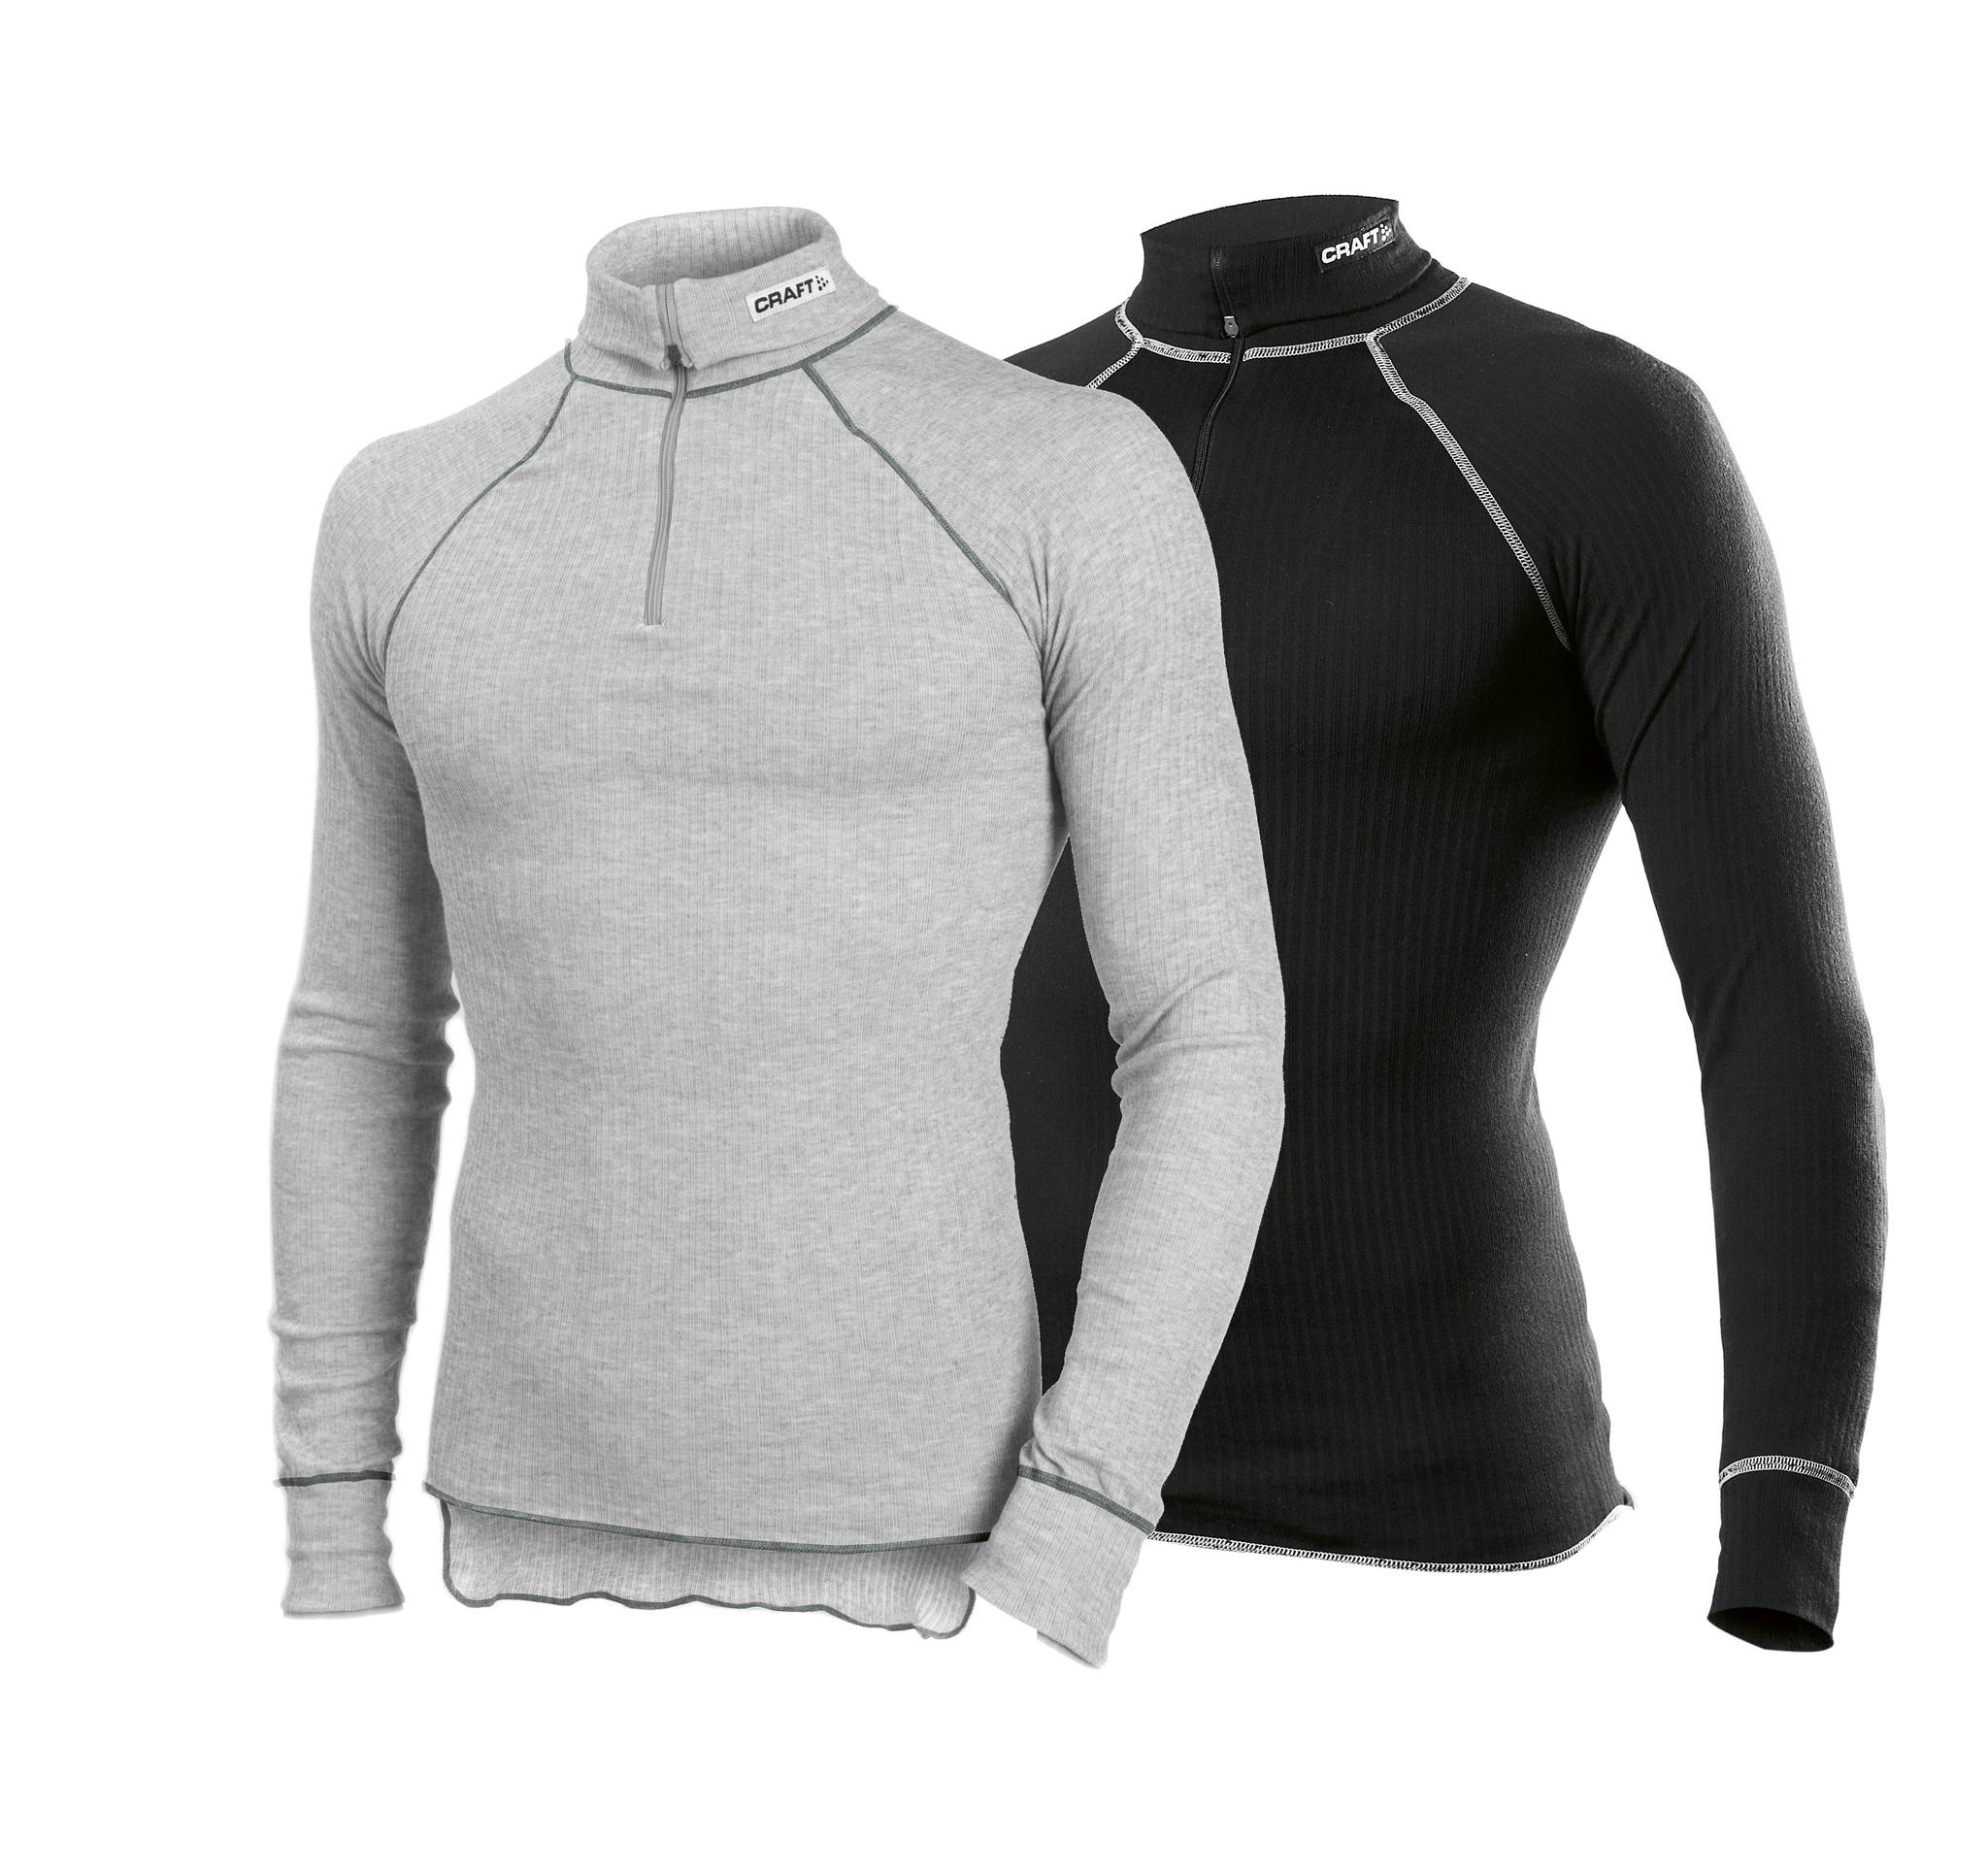 Мужской комплект рубашек Craft Active Zip Grey+Black (194034-2999-194034-3950)